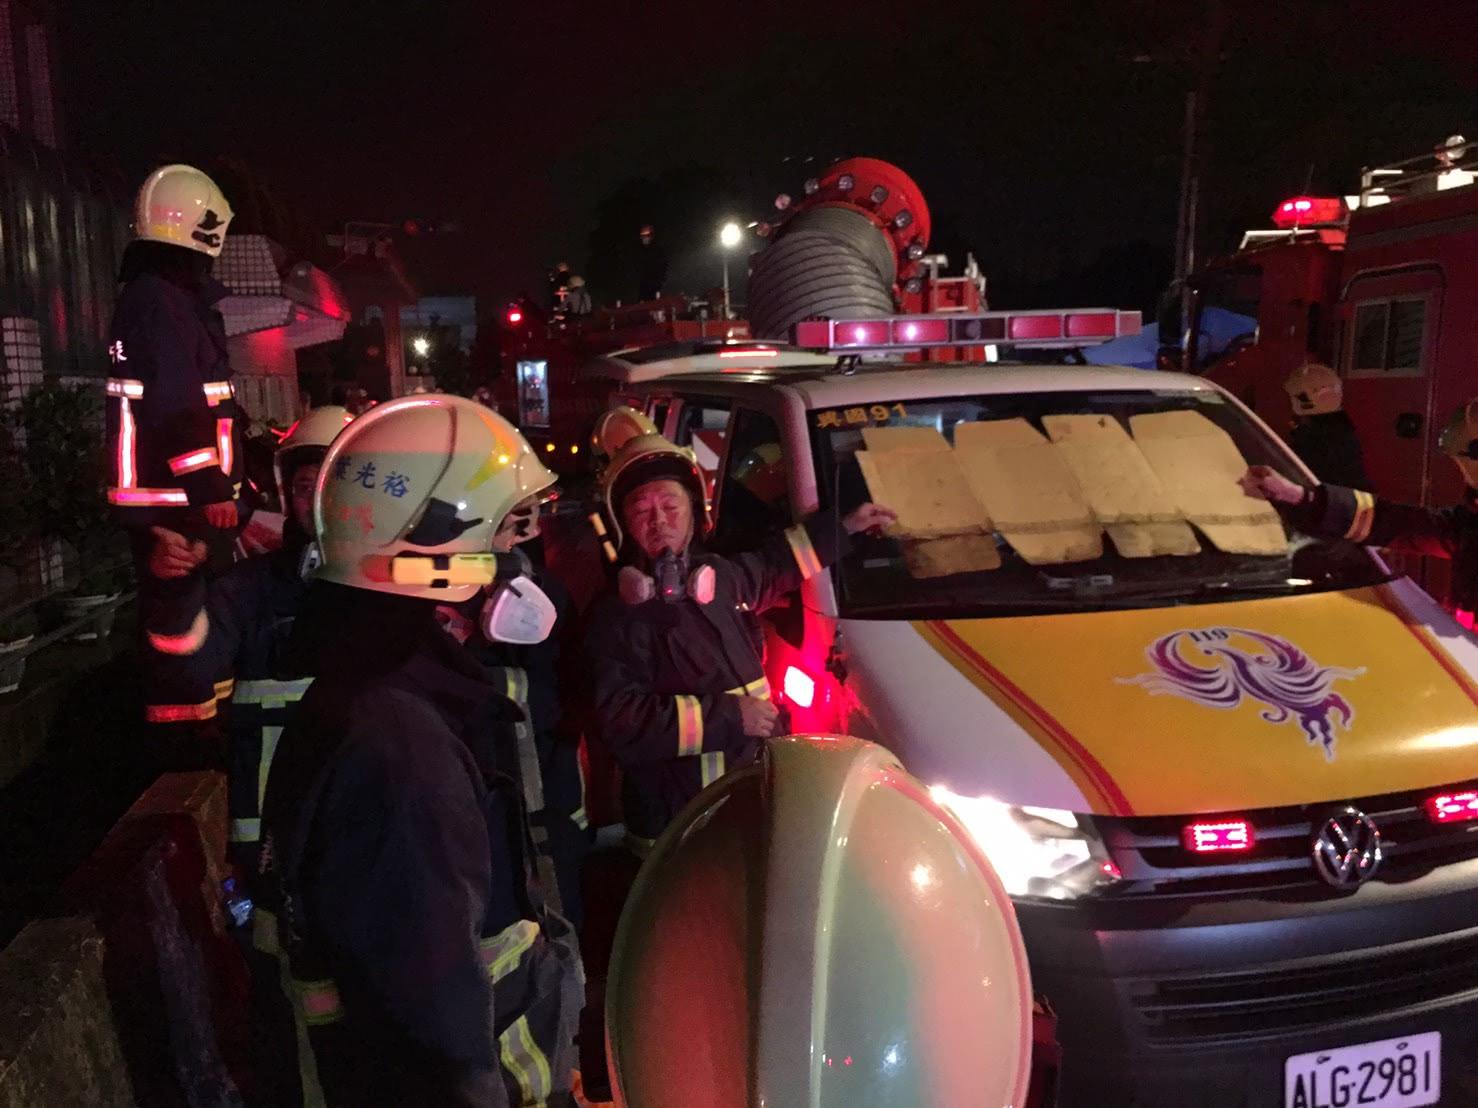 圖/中央社 「我們都會陪你...」5消防員殉職 同學淚崩幫換隊服